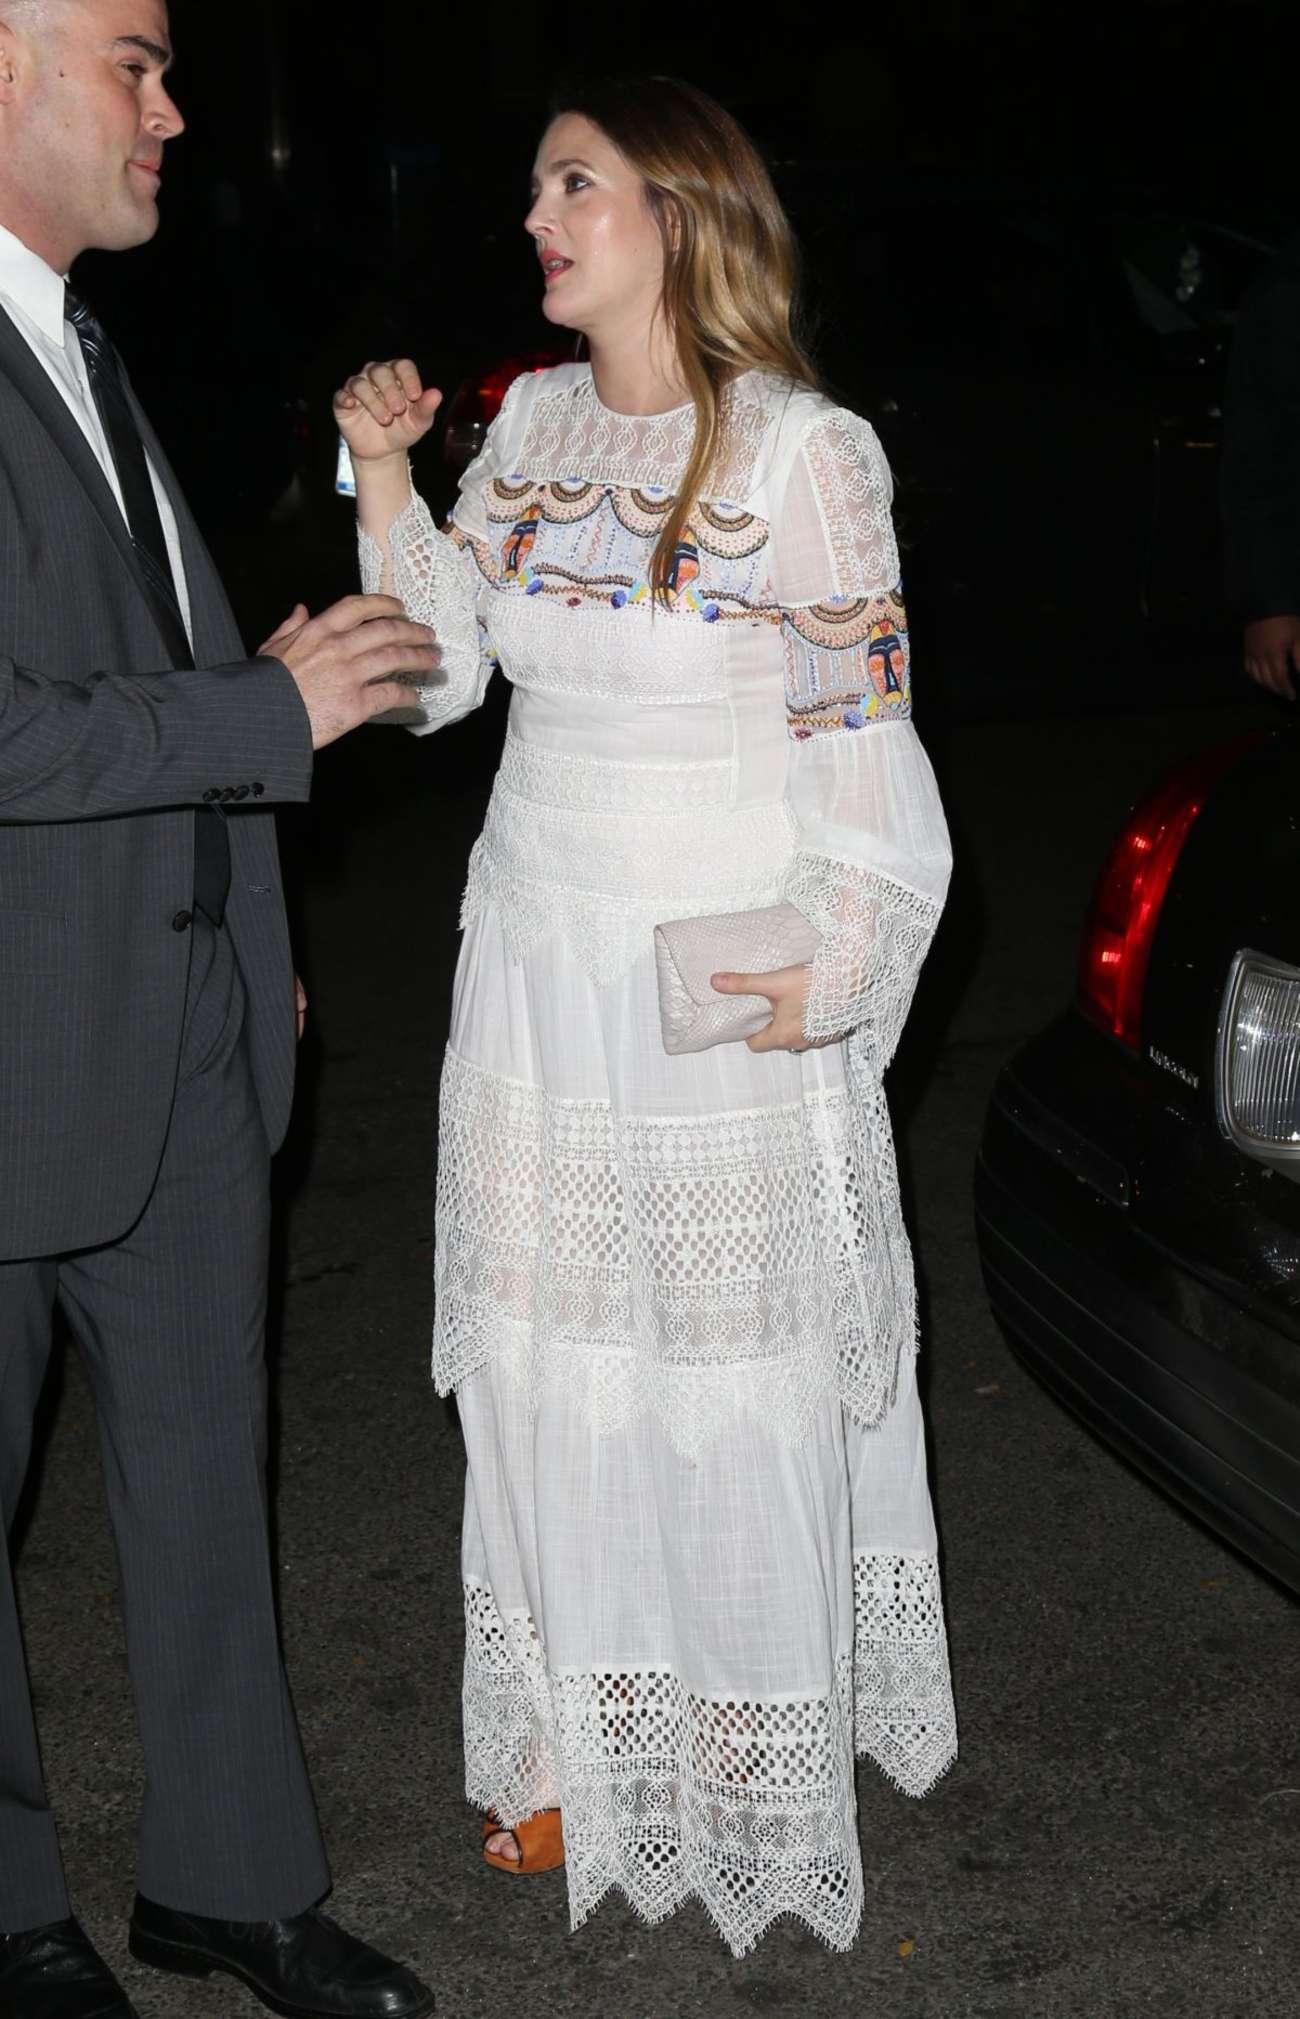 Drew Barrymore 2015 : Drew Barrymore in White Long Dress -02